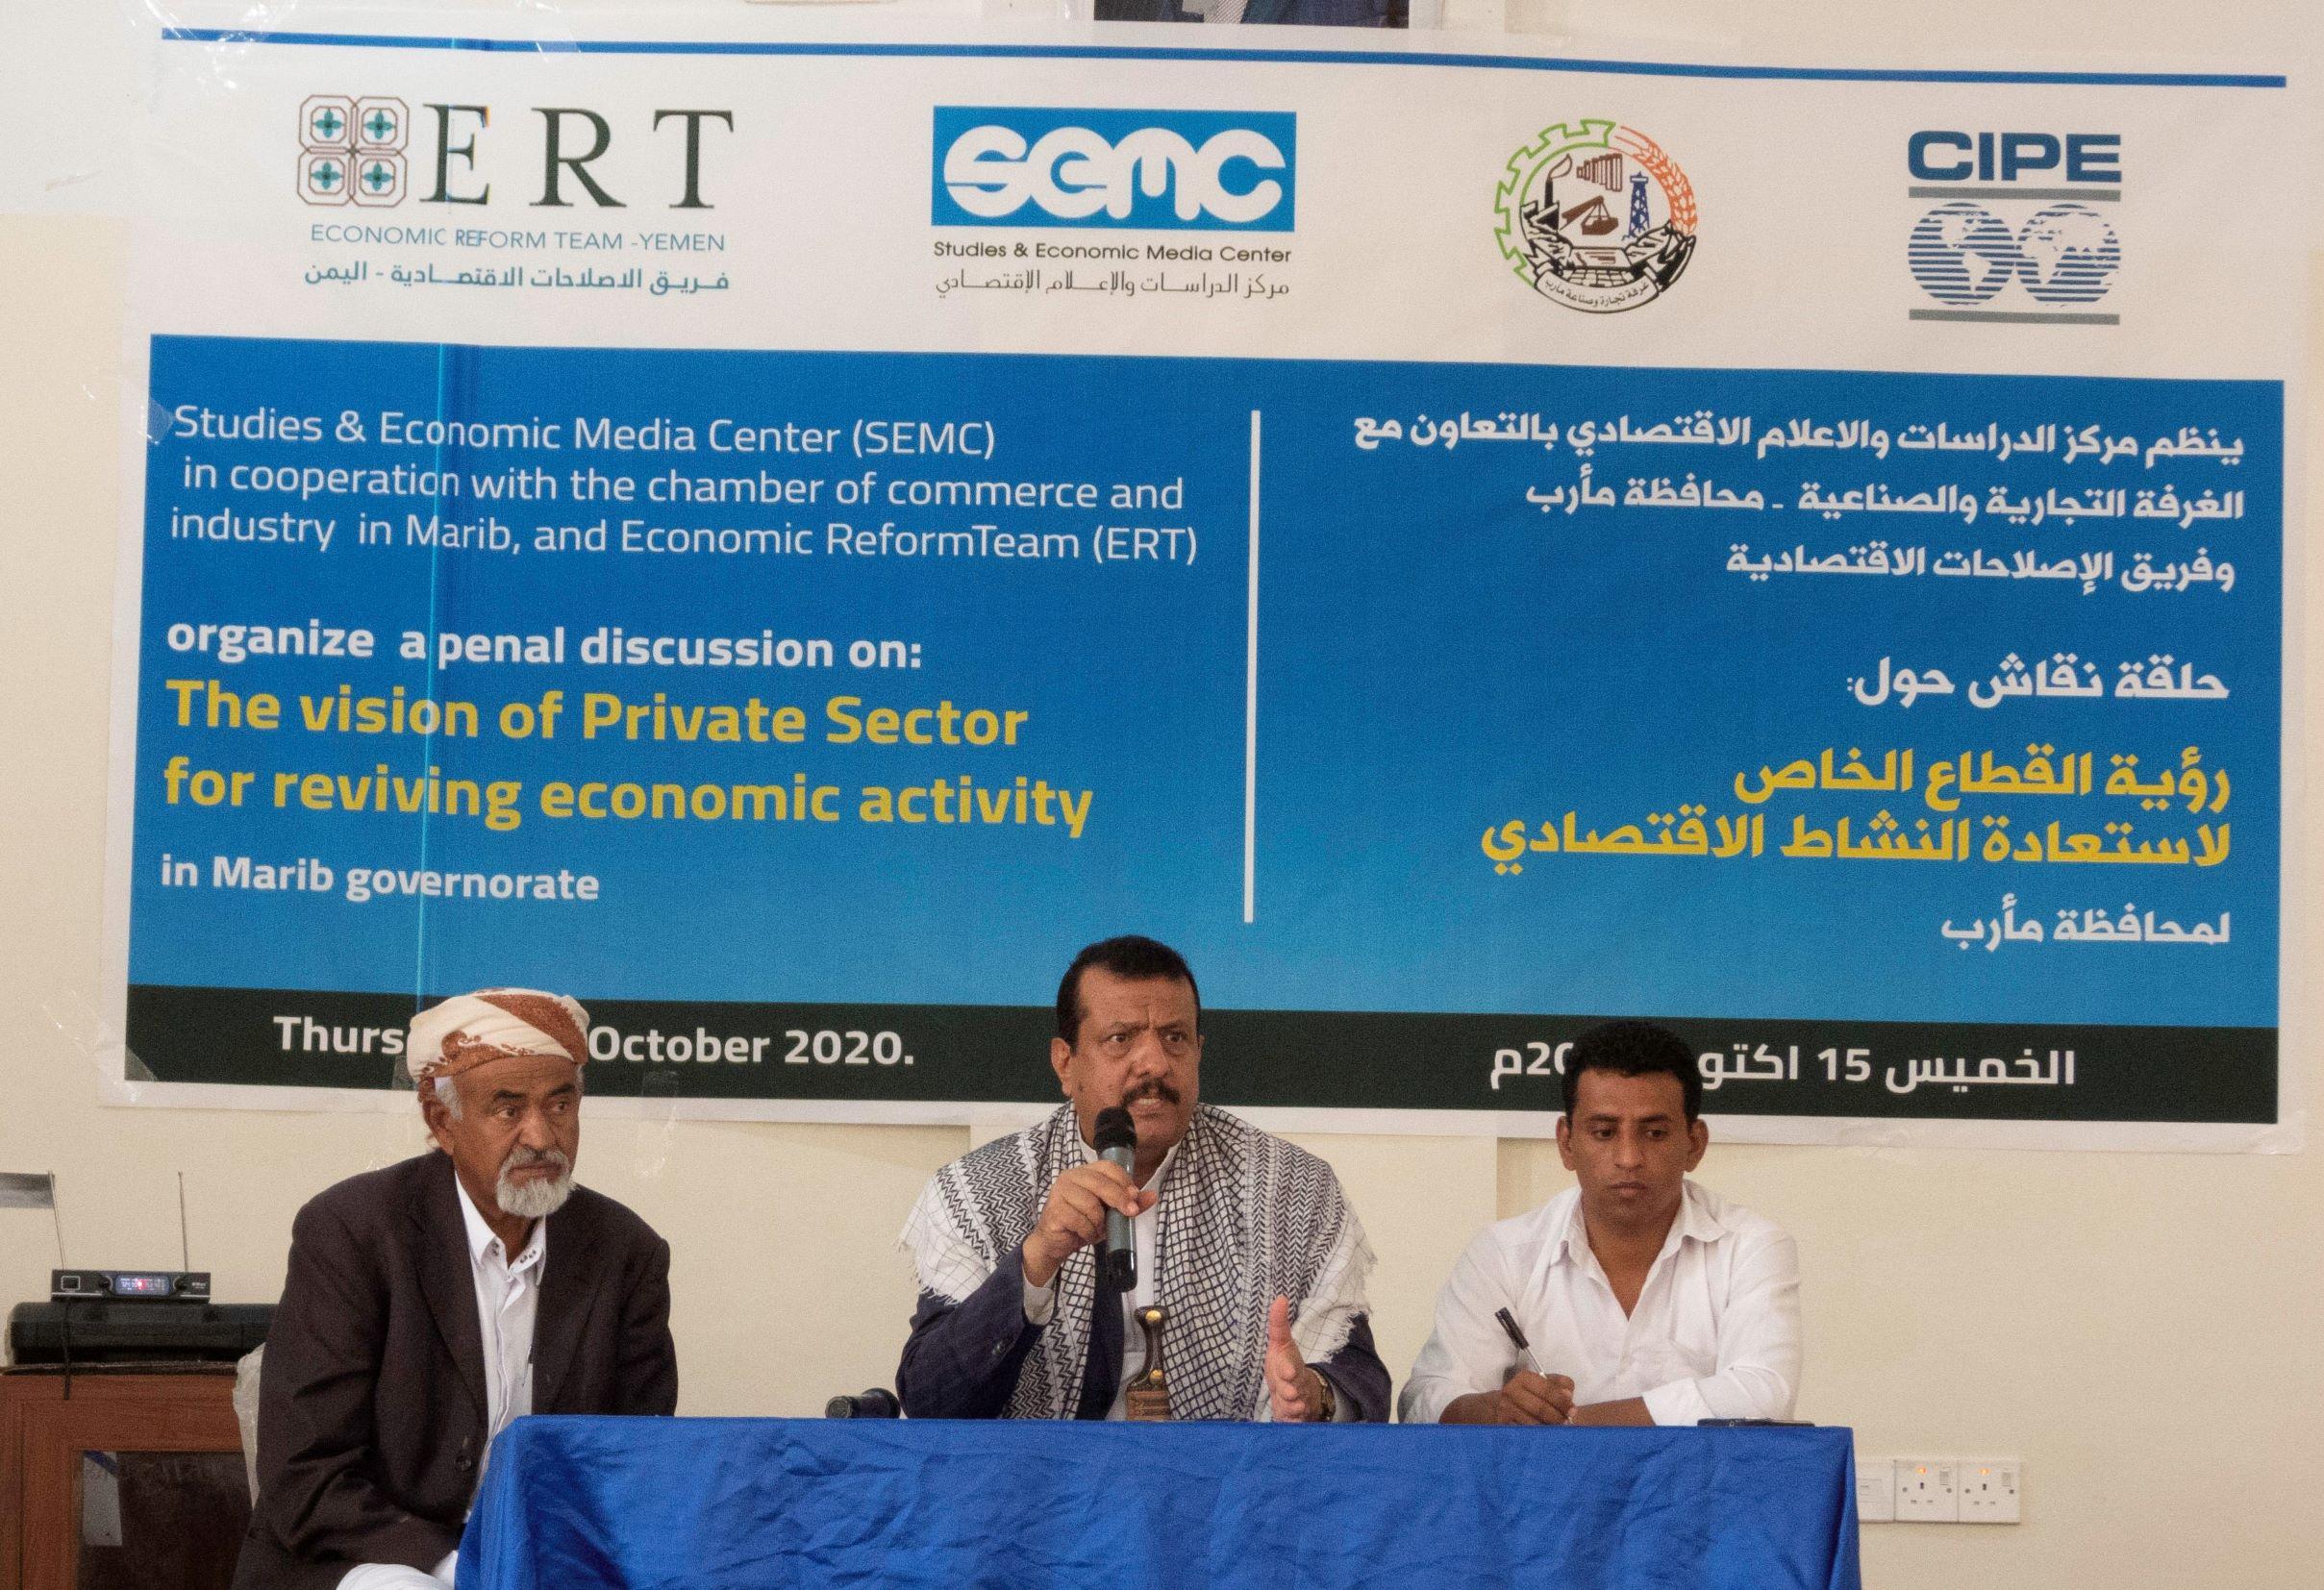 الامن والاستقرار على رأس الاولويات .. حراك محلي لاستعادة النشاط الاقتصادي في المحافظات اليمنية